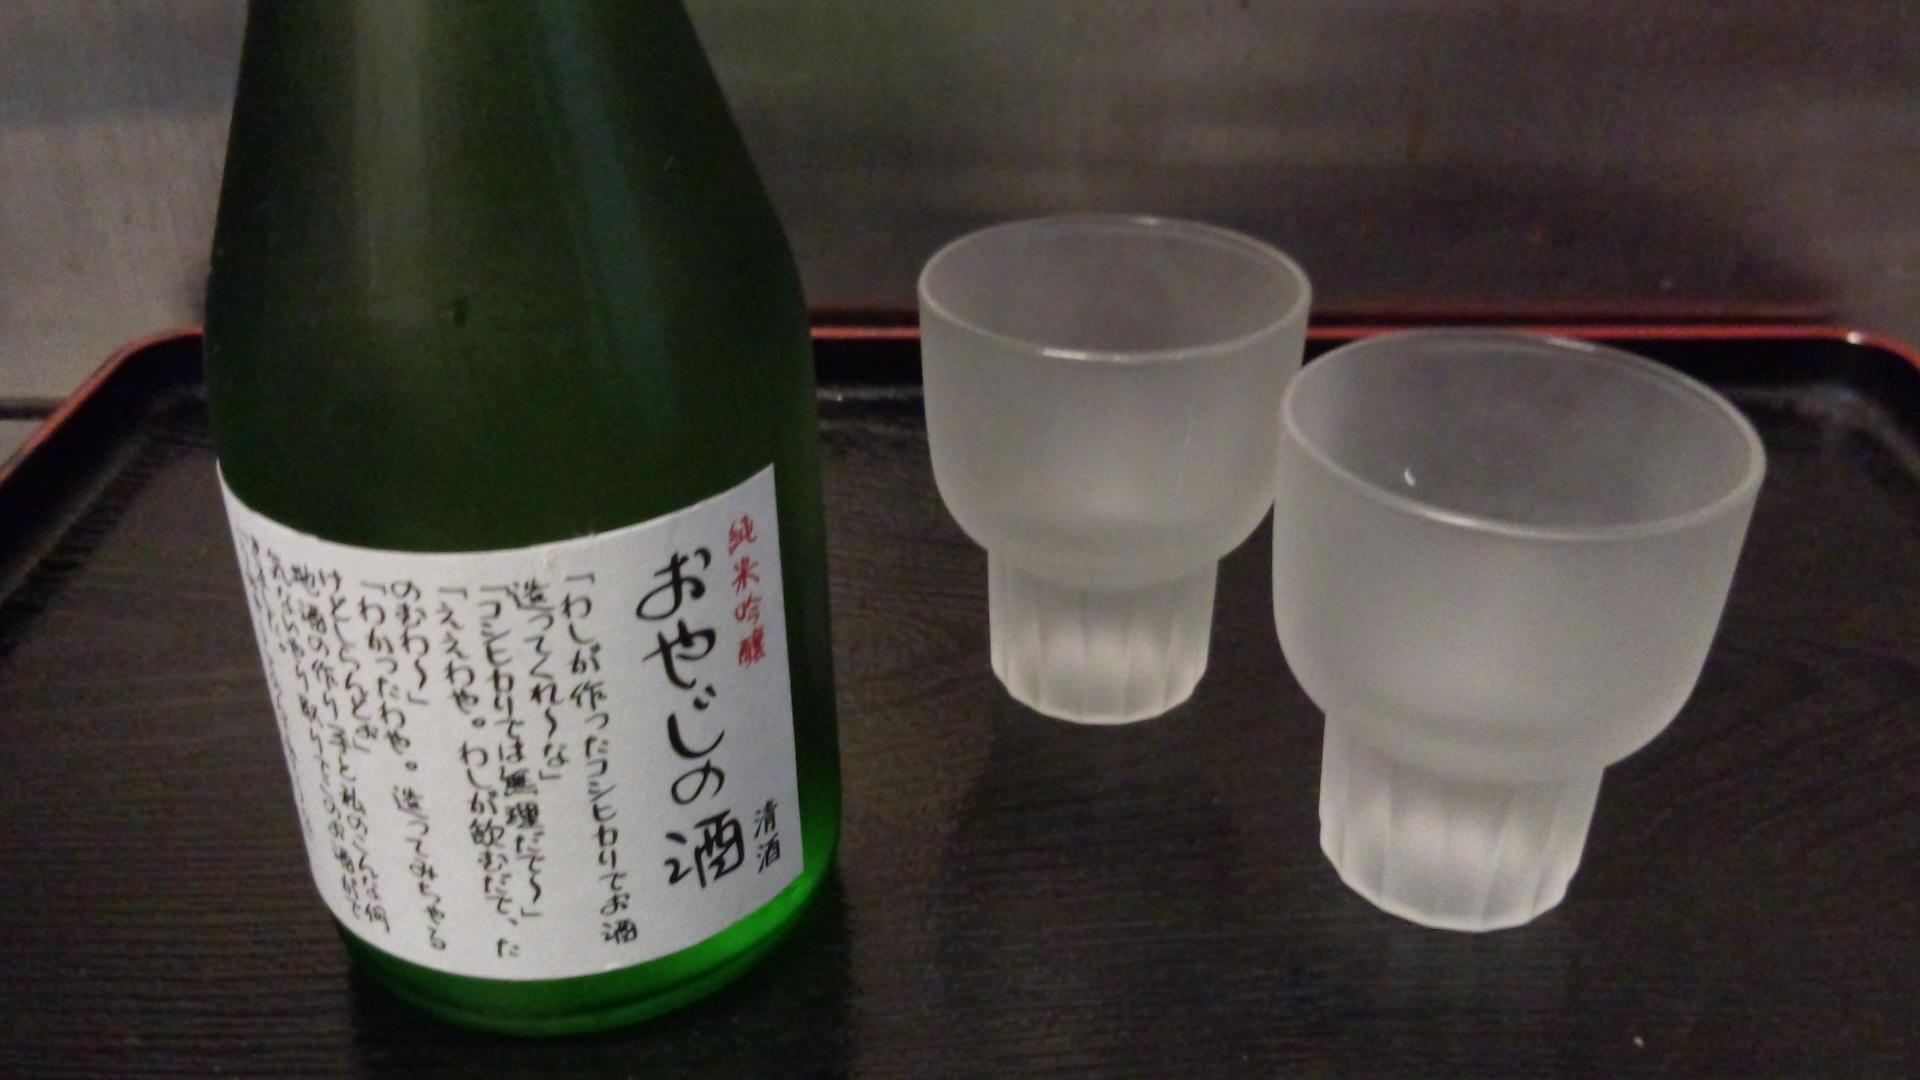 おやじの酒!新酒ができましたよぉー_a0200771_22331645.jpg